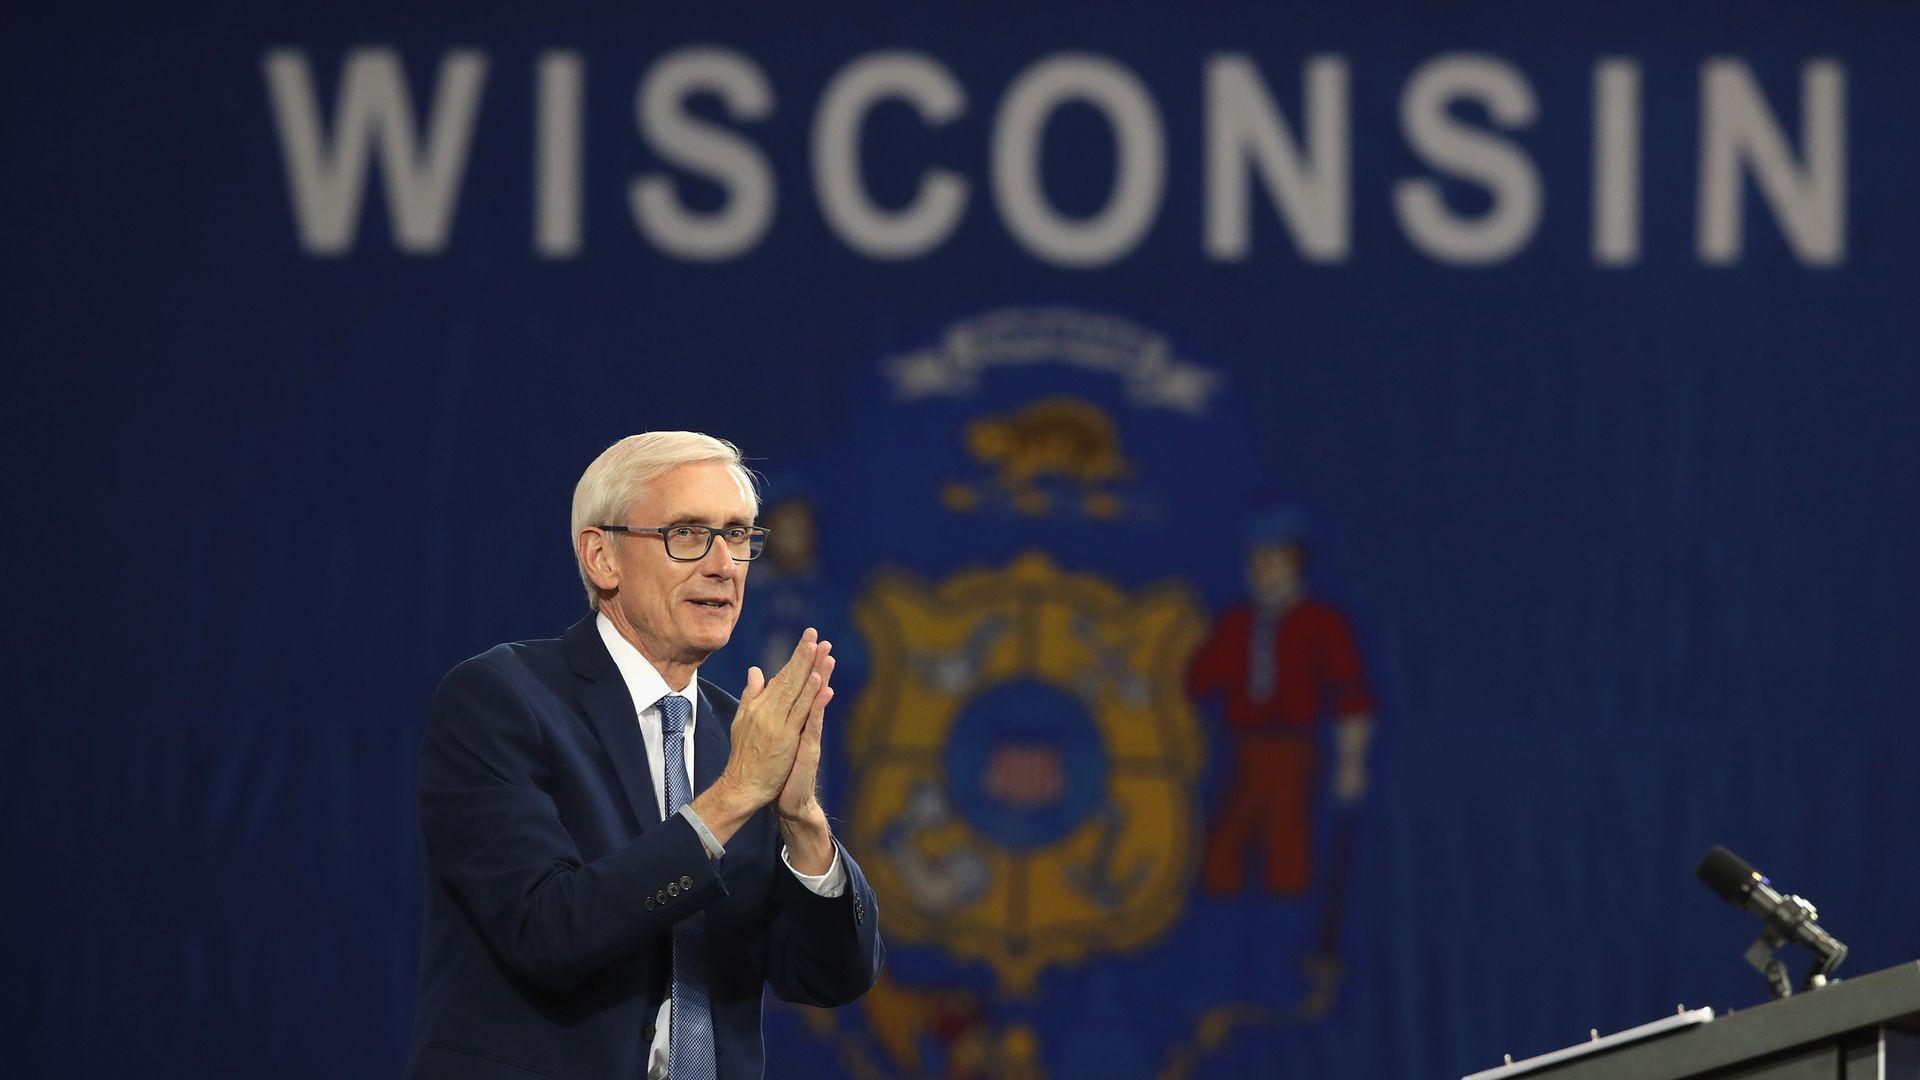 Wisconsin Democratic Gov.-elect Tony Evers